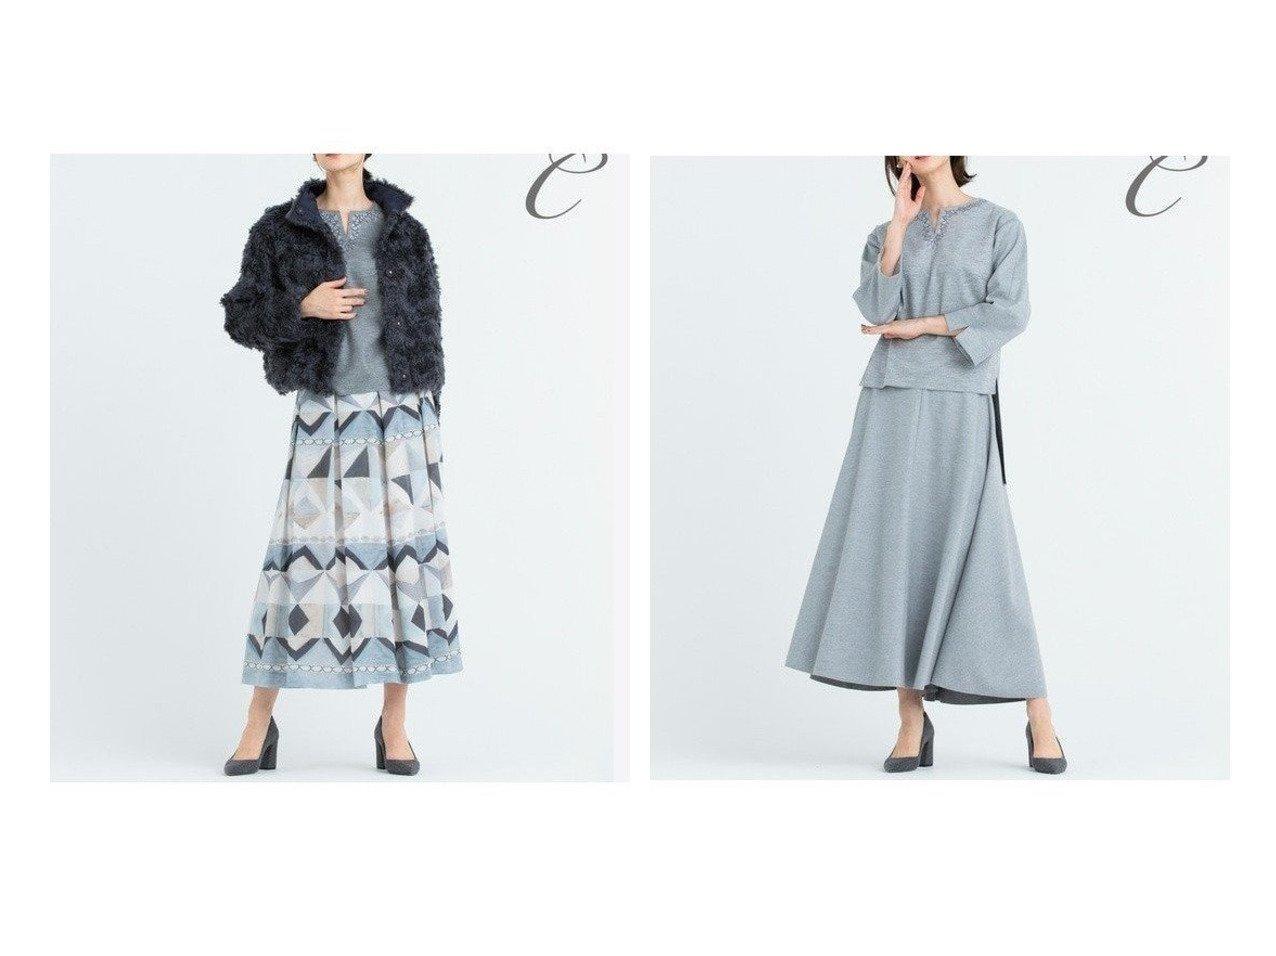 【JIYU-KU/自由区】の【Class Lounge】PAVEプリント スカート&【Class Lounge】AQUA LEGEND スカート スカートのおすすめ!人気、レディースファッションの通販 おすすめで人気のファッション通販商品 インテリア・家具・キッズファッション・メンズファッション・レディースファッション・服の通販 founy(ファニー) https://founy.com/ ファッション Fashion レディース WOMEN スカート Skirt コレクション フォルム プリント ロング A/W 秋冬 Autumn &  Winter エレガント ショート ジャージ セットアップ フロント  ID:crp329100000005315